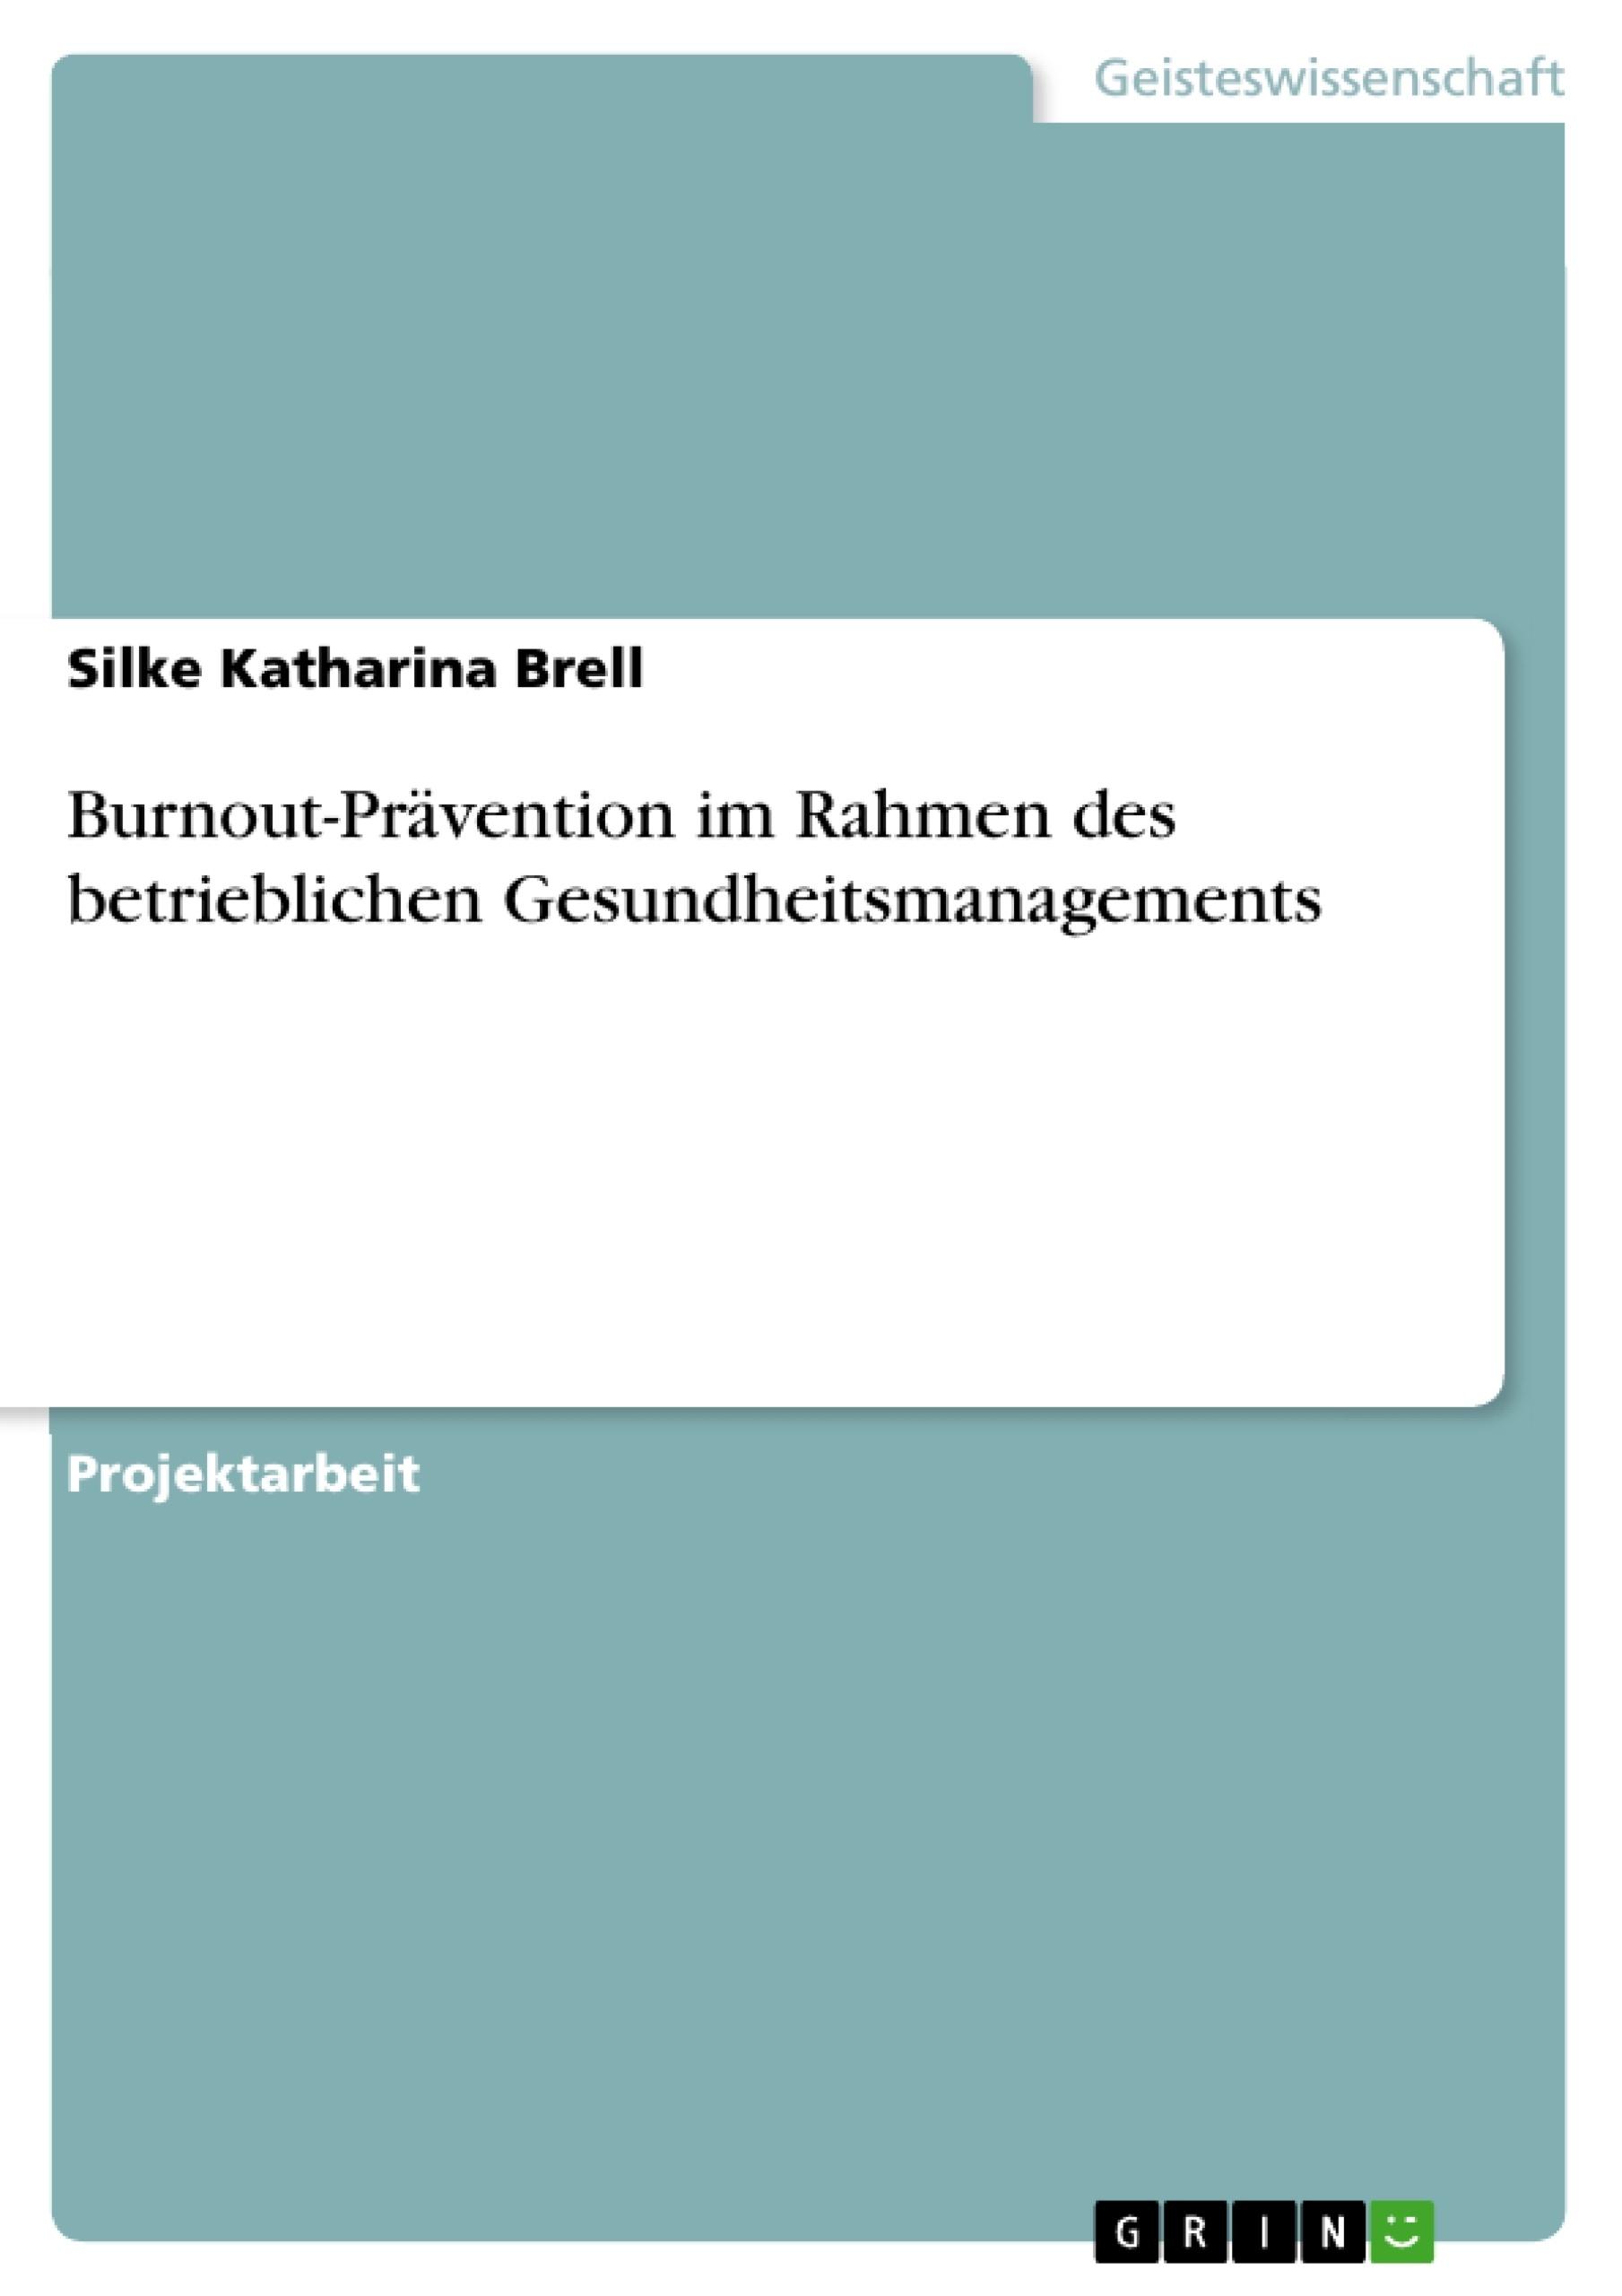 Titel: Burnout-Prävention im  Rahmen des betrieblichen Gesundheitsmanagements